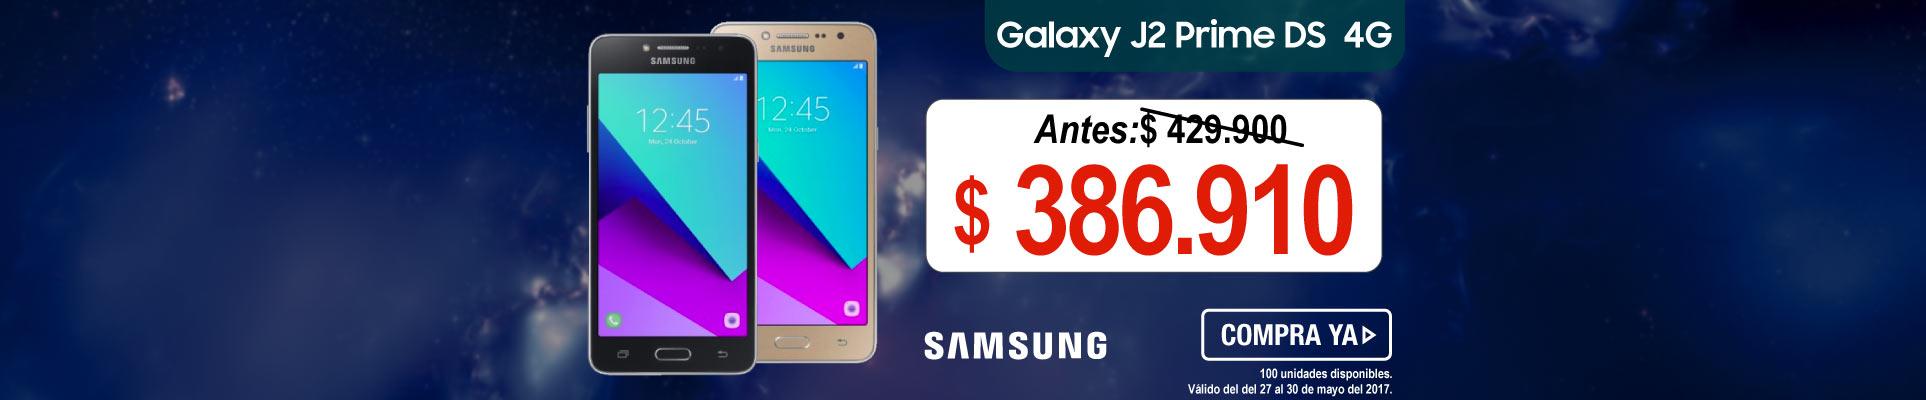 Celular Samsung J2 Prime DS 4G - banner principal